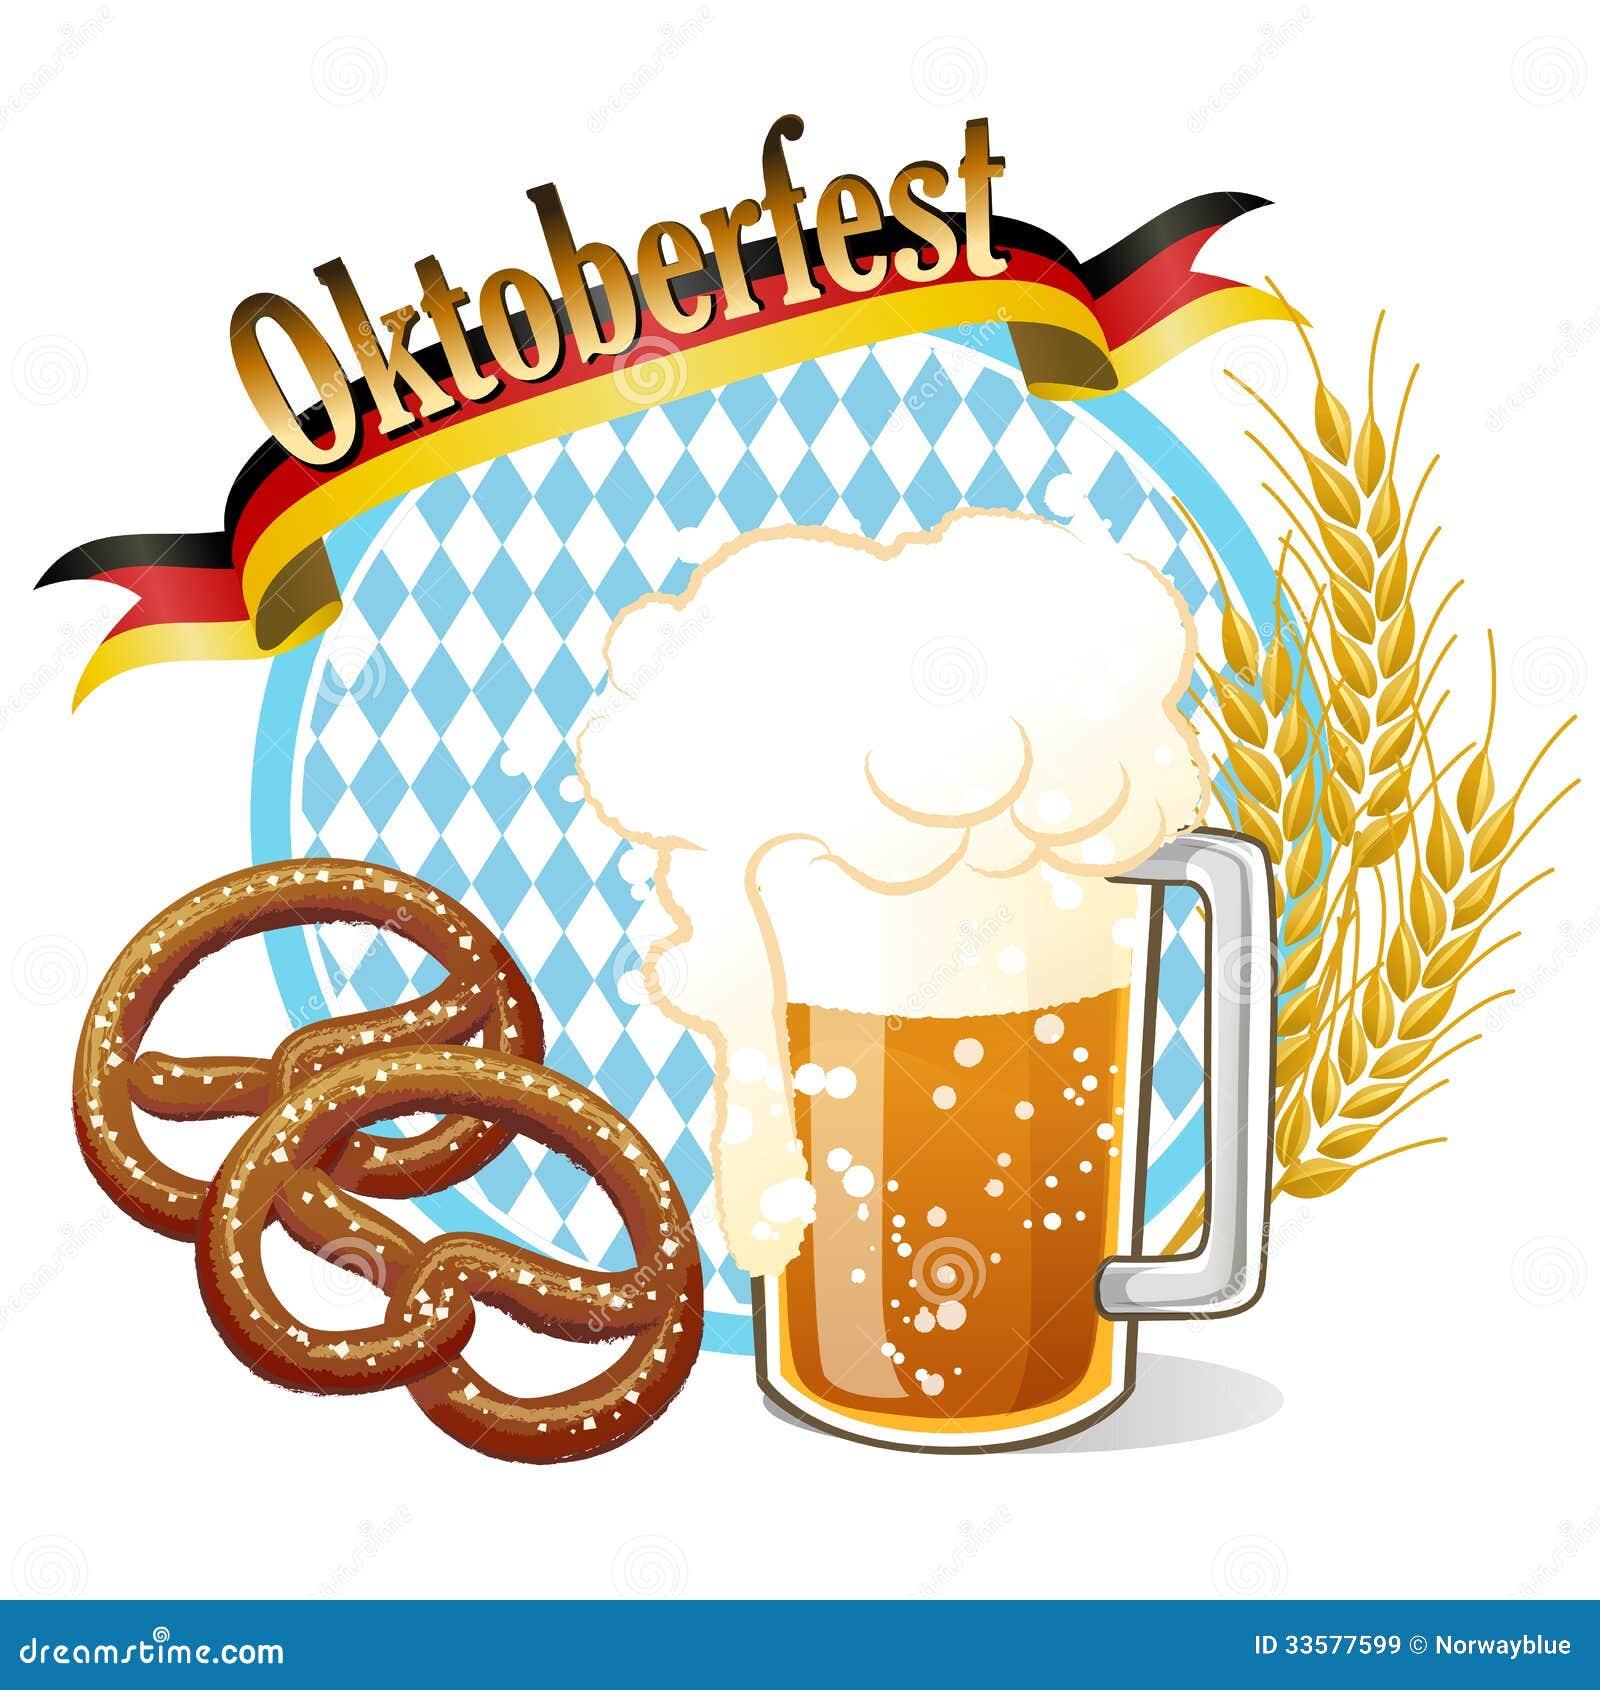 Displaying 20> Images For - Oktoberfest Pretzel...